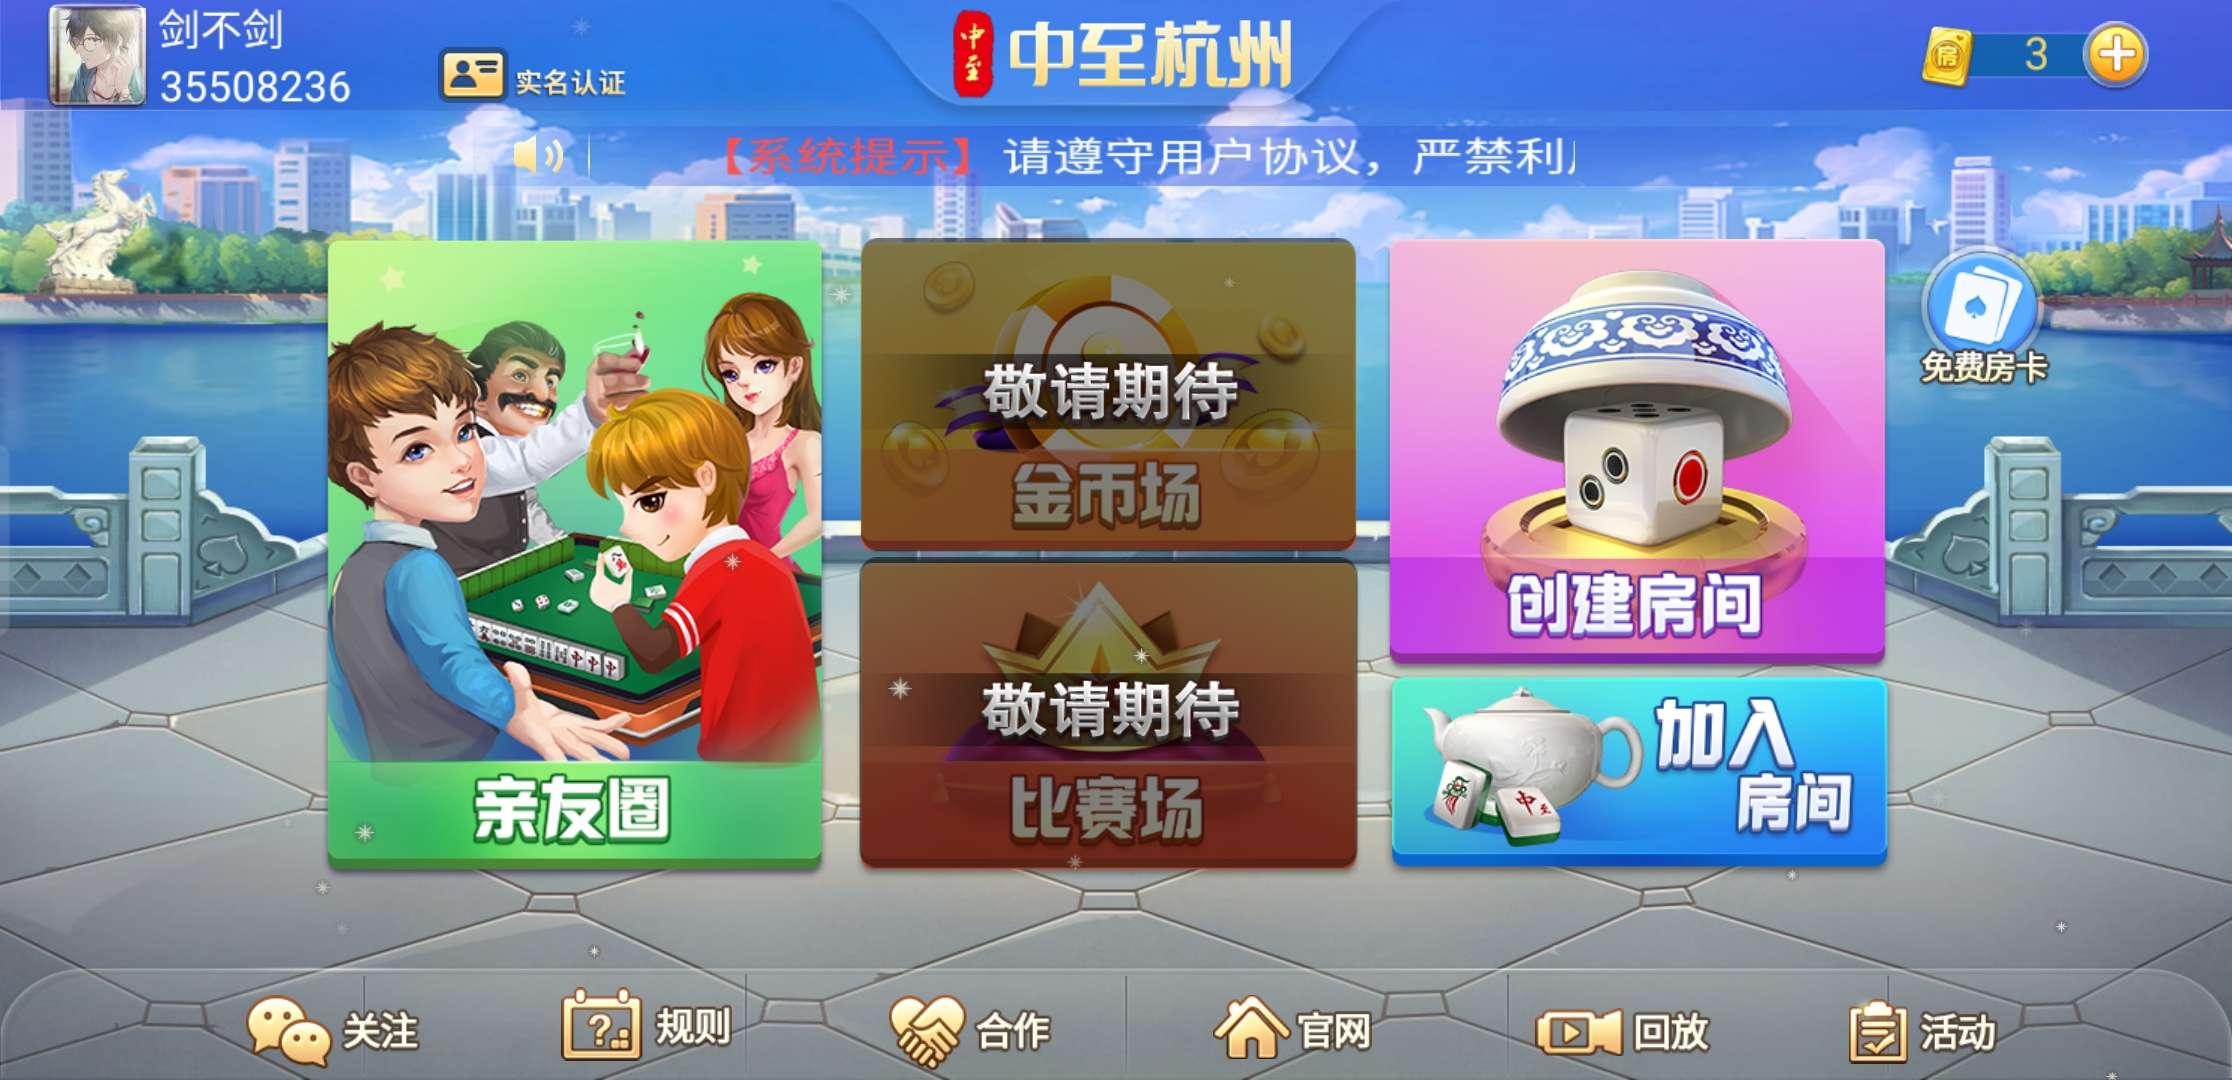 杭州棋牌开发有什么是需要注意的?